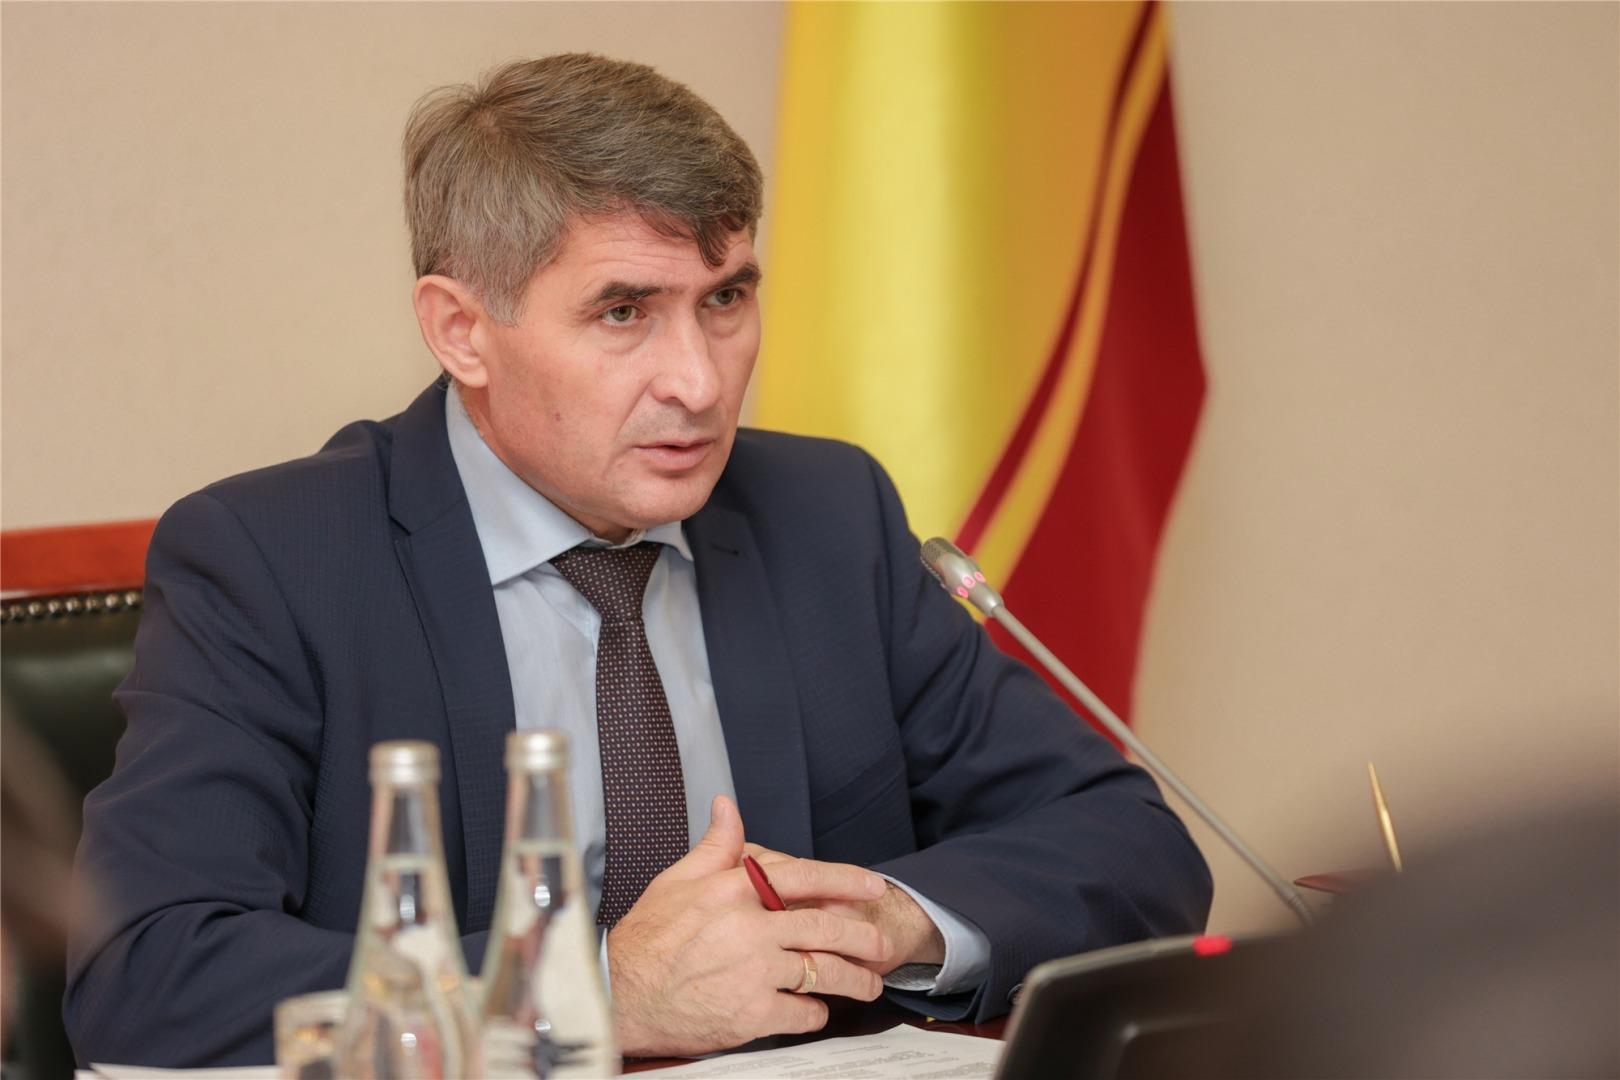 Глава Чувашии в прямом эфире ответит на вопросы об ограничениях по коронавирусу - Новости